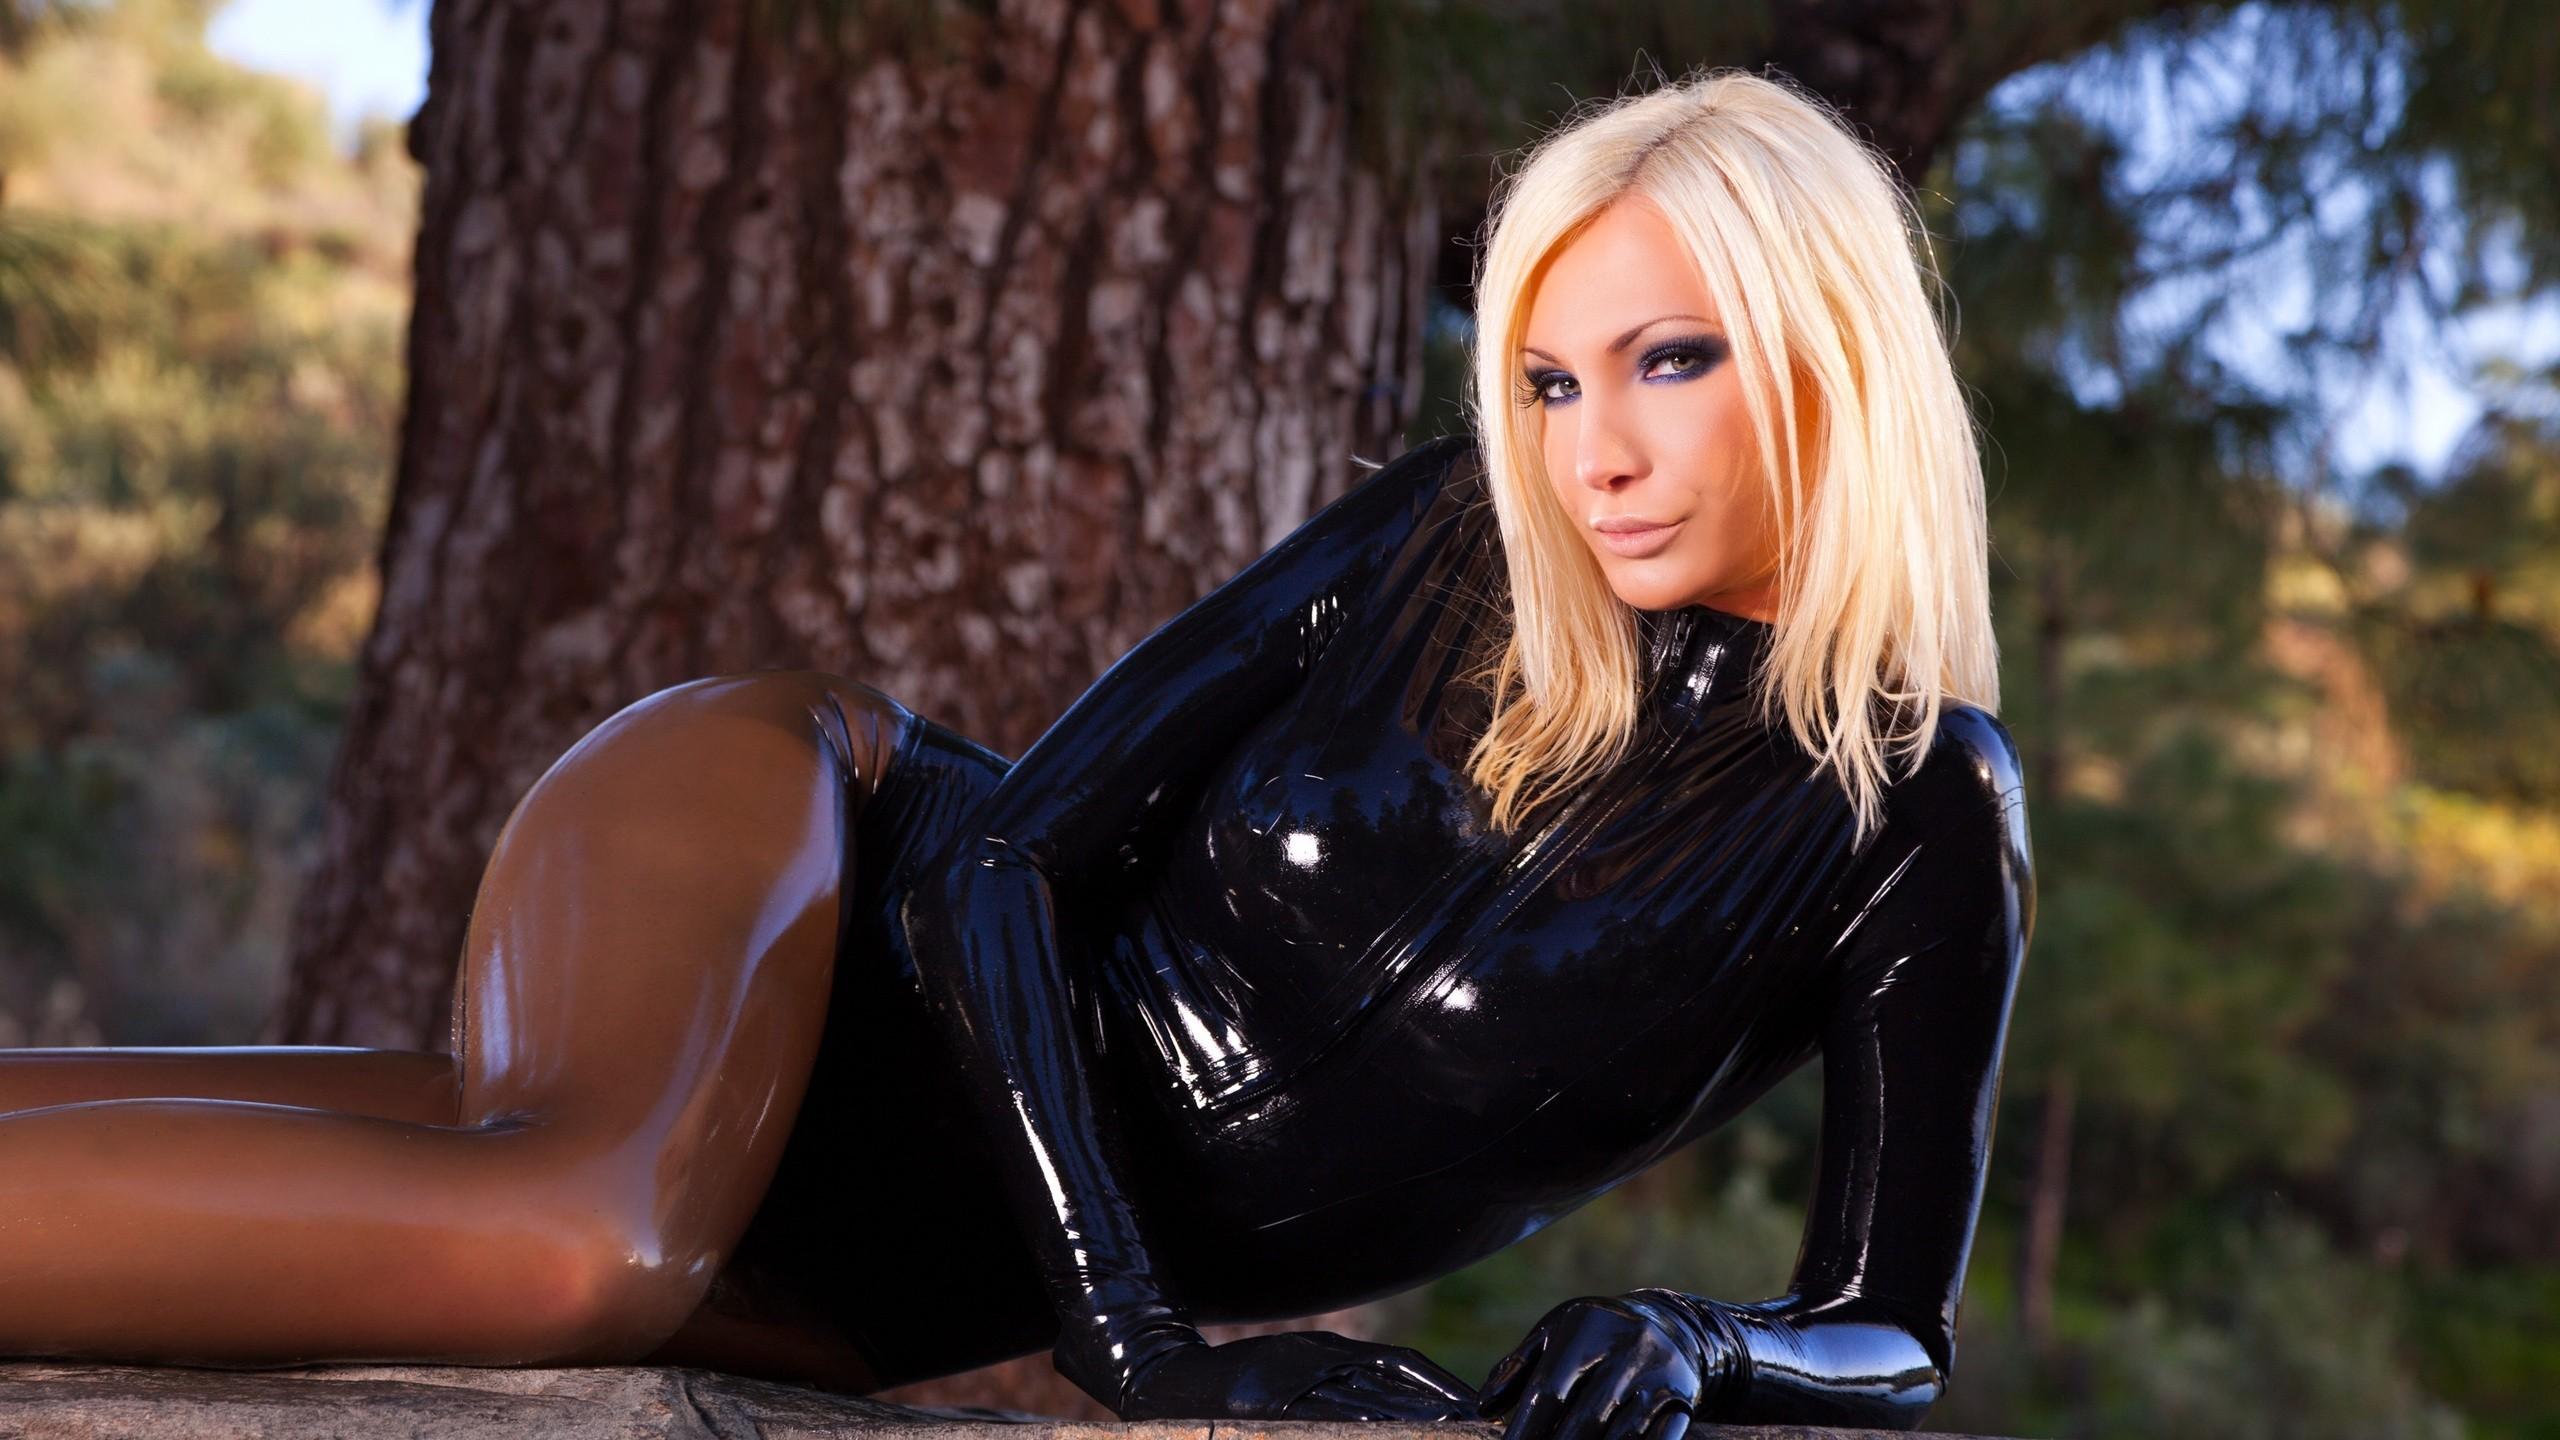 Фото телки блондинки голой кожаной платье, межрассовый секс толпой